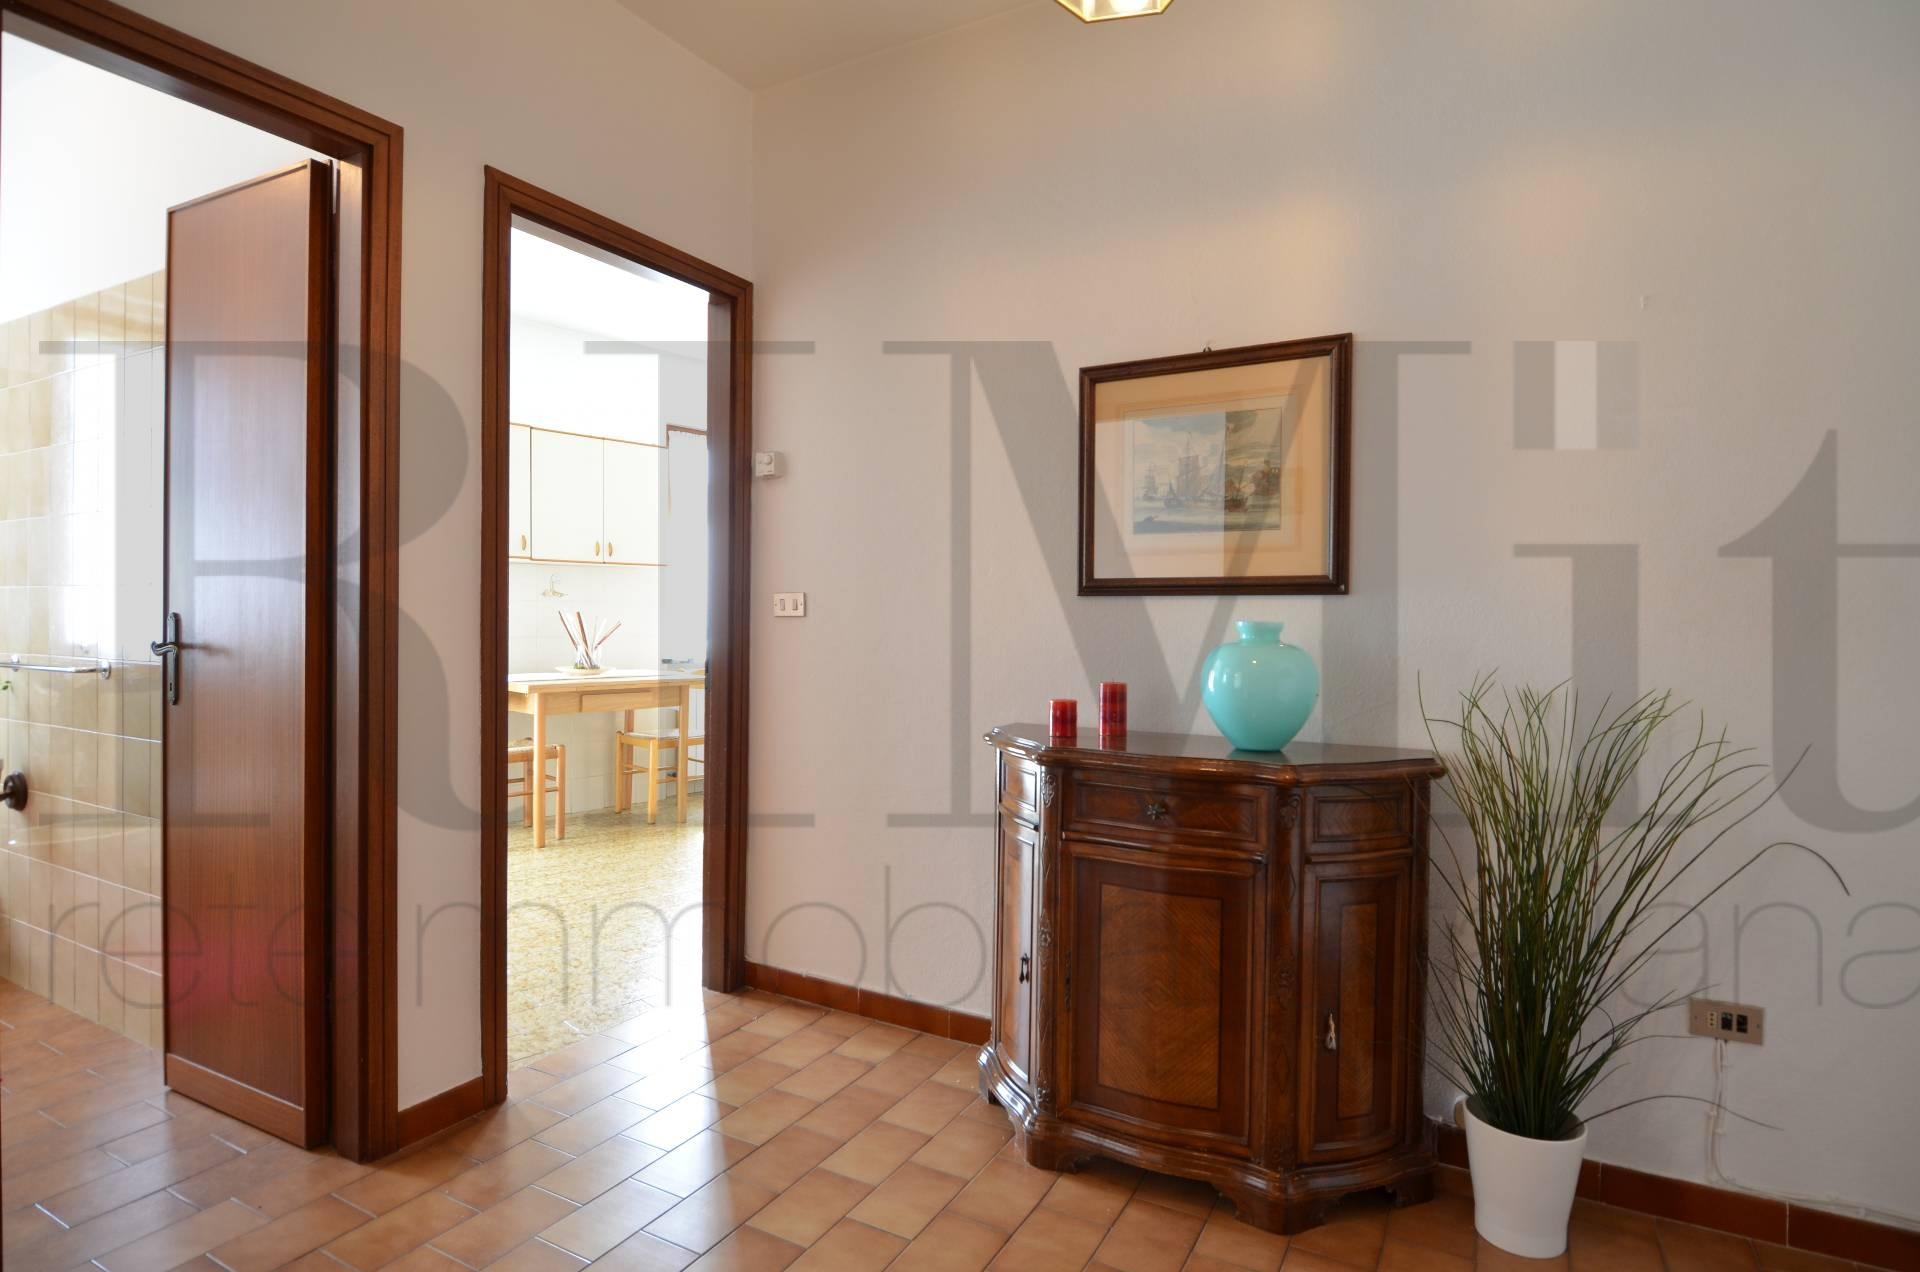 Appartamento in vendita a Moneglia, 2 locali, prezzo € 95.000 | Cambio Casa.it